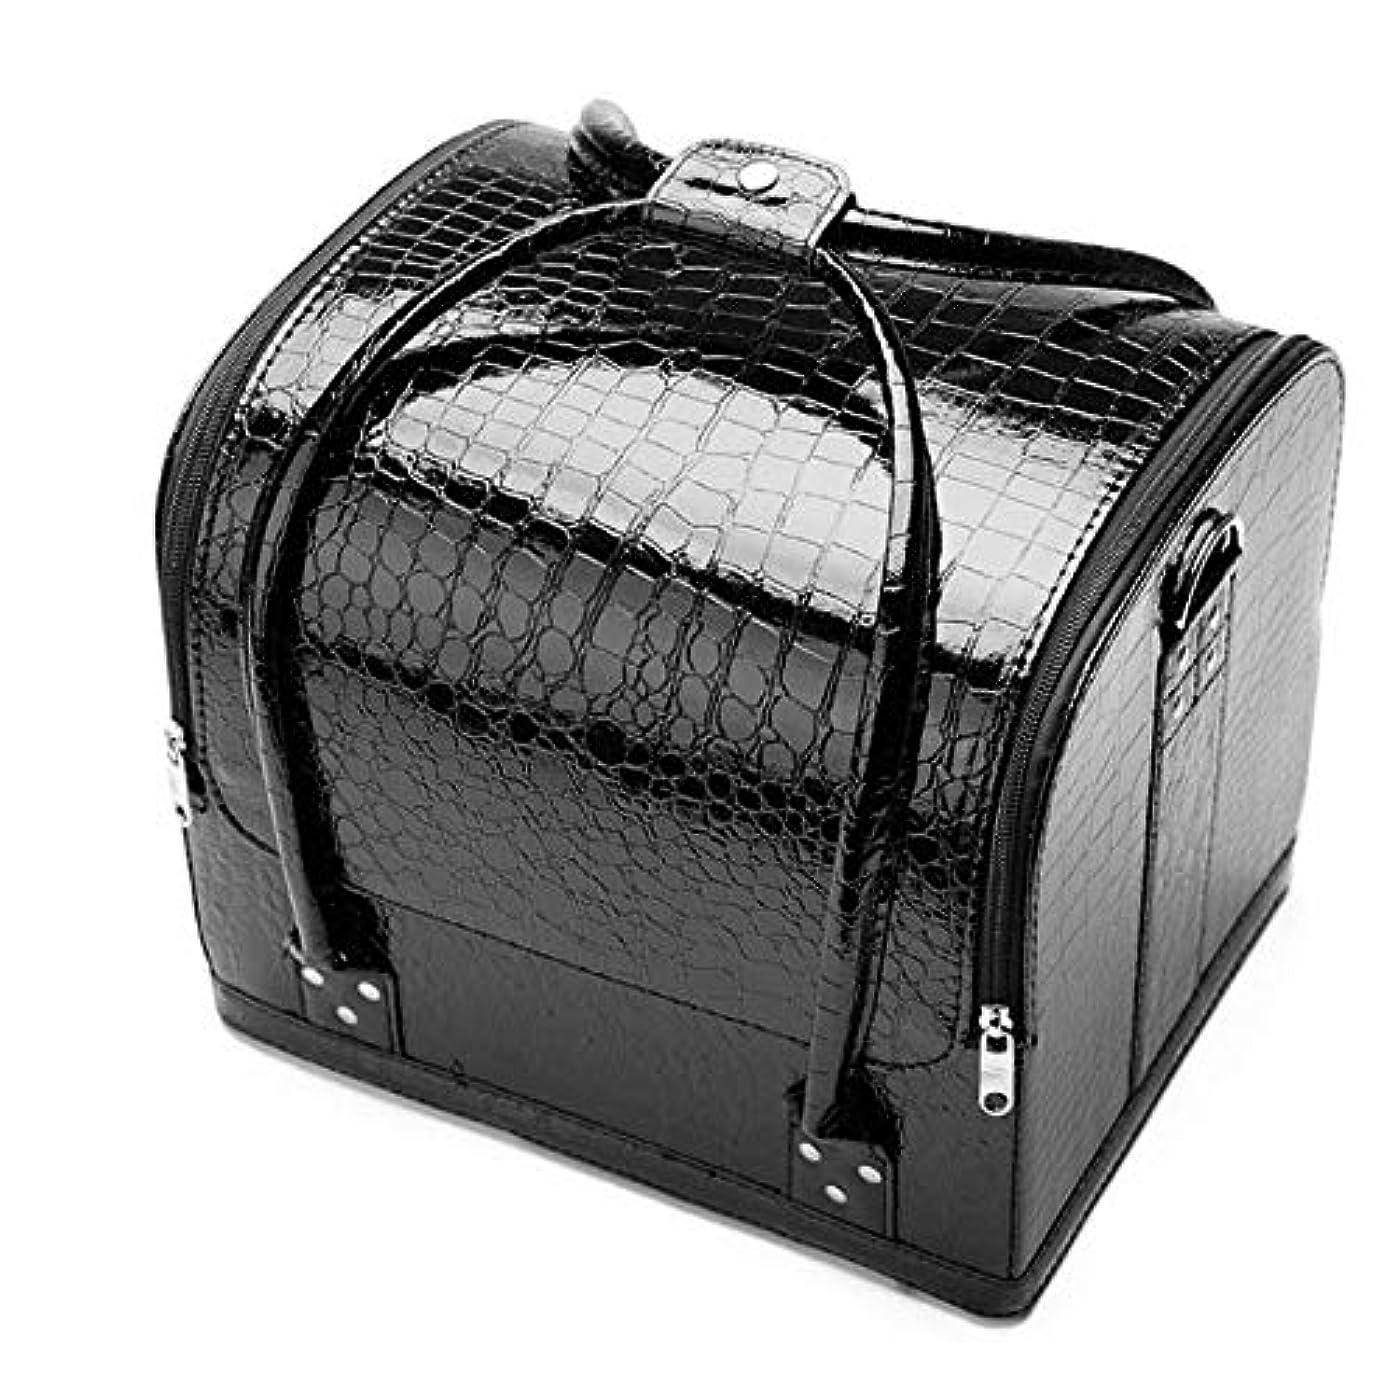 思春期誰でもラベ持ち運びできる メイクボックス 大容量 取っ手付き コスメボックス 化粧品収納ボックス 収納ケース 小物入れ (ブラック?クロコ型押し)